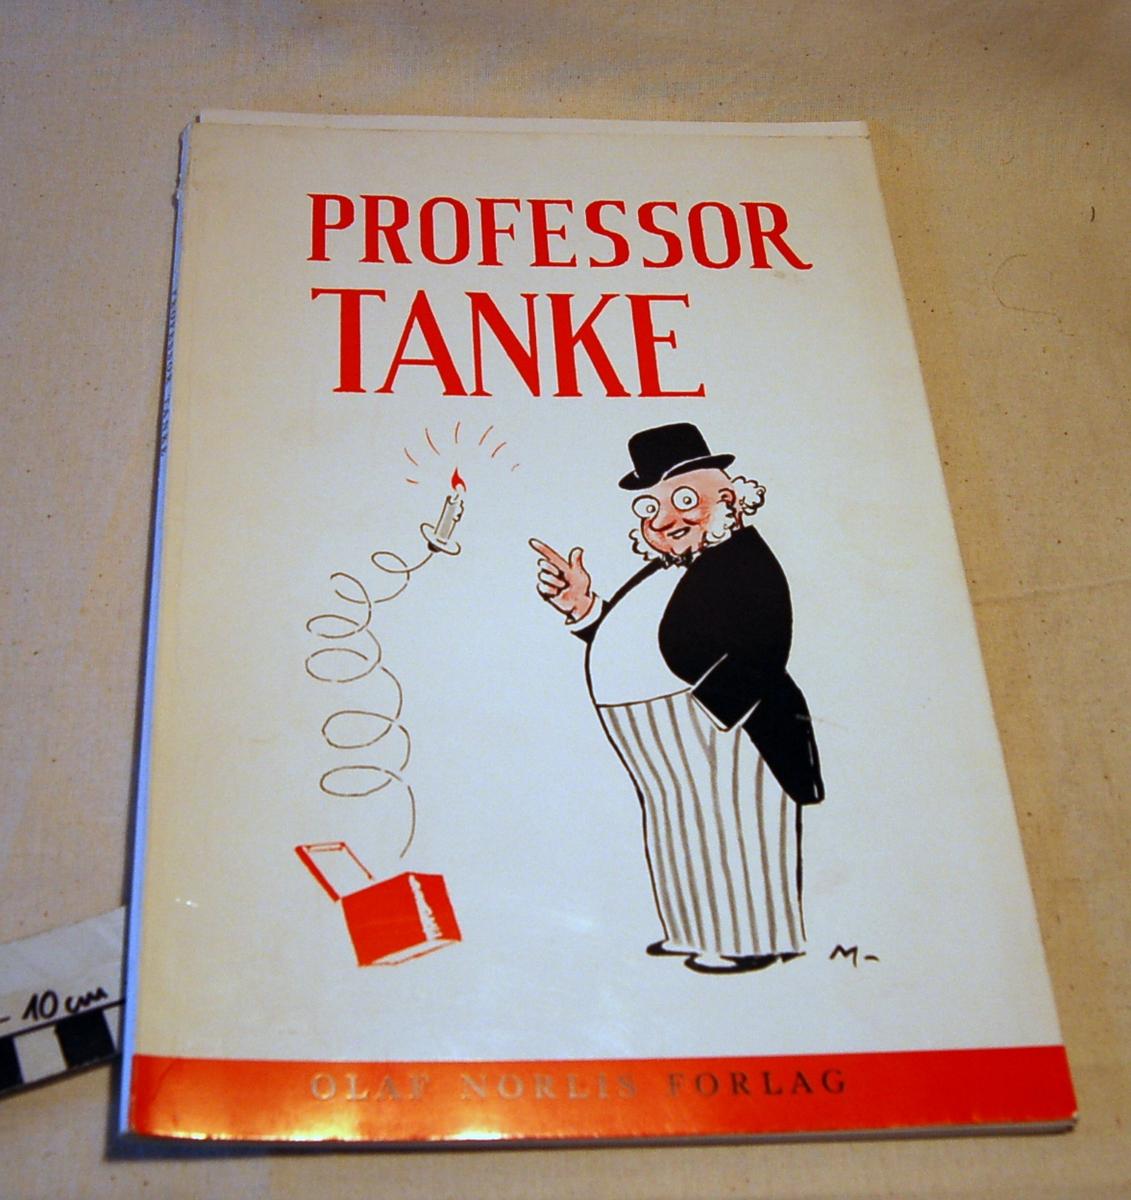 Motiv på bokens forside er en mann med bowlerhat og stribete bukser som står ved siden av en liten boks der det springer opp et lys på en spiralfjær.